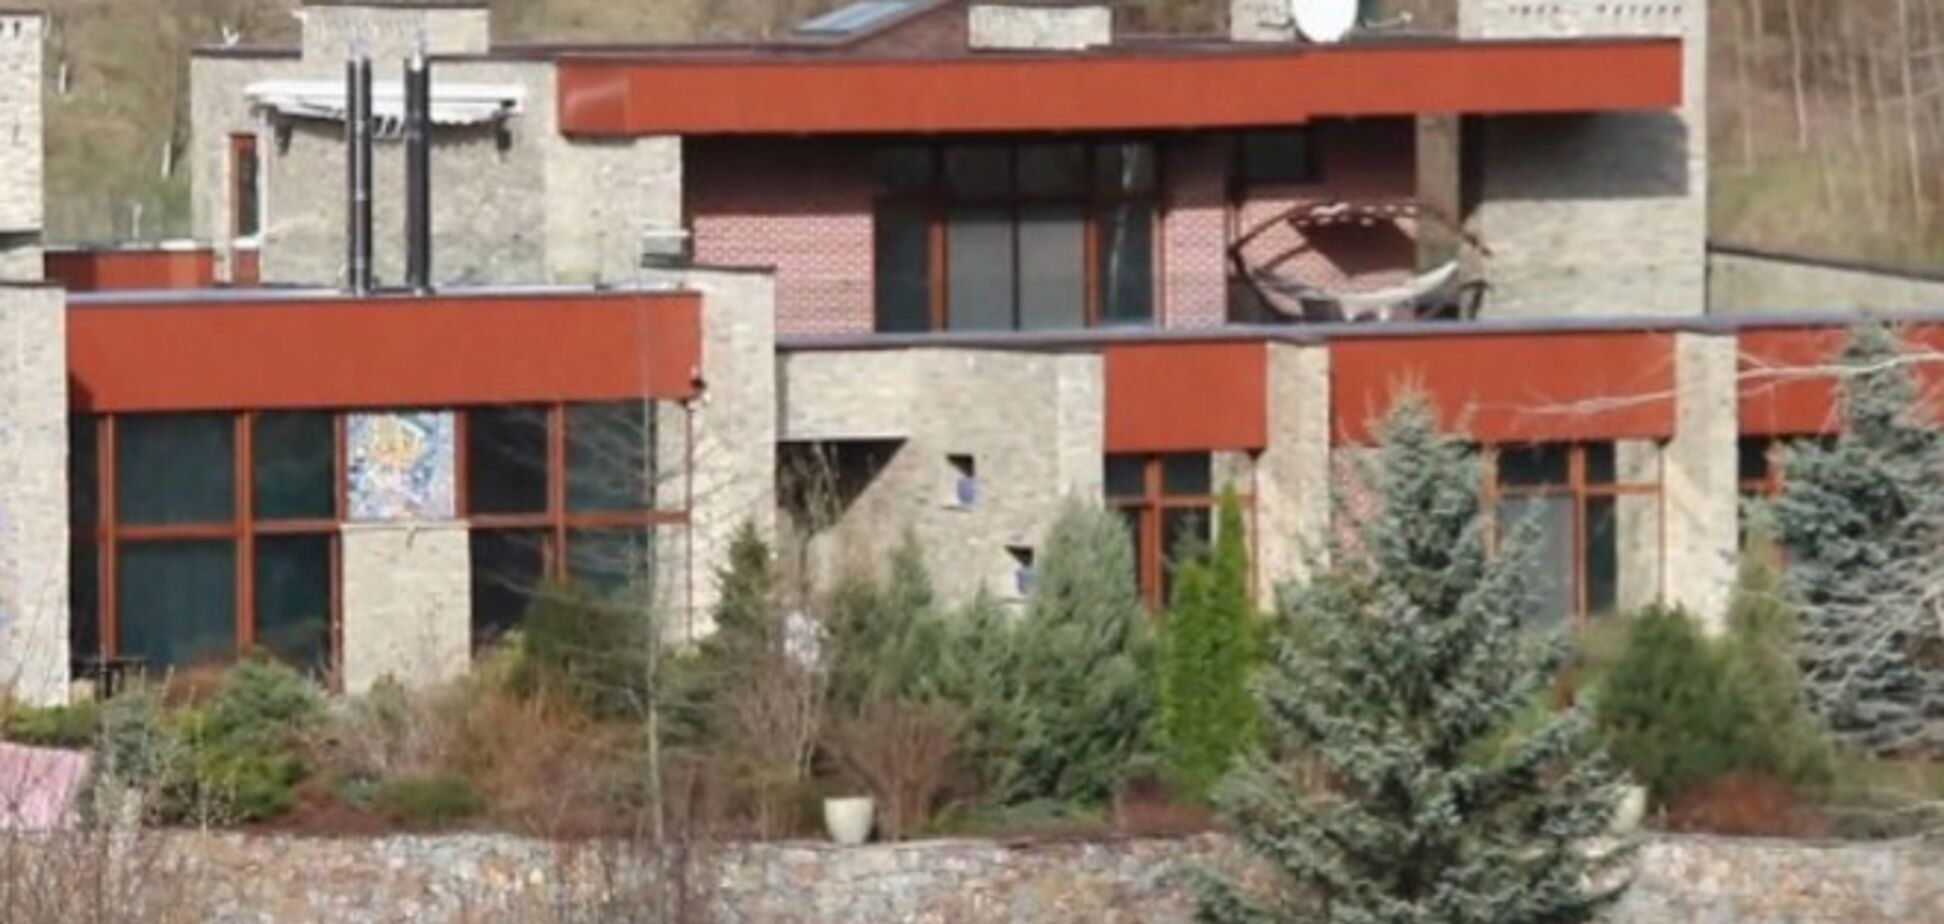 Тігіпко живе в особняку в стилі модерн по вулиці з колючим дротом